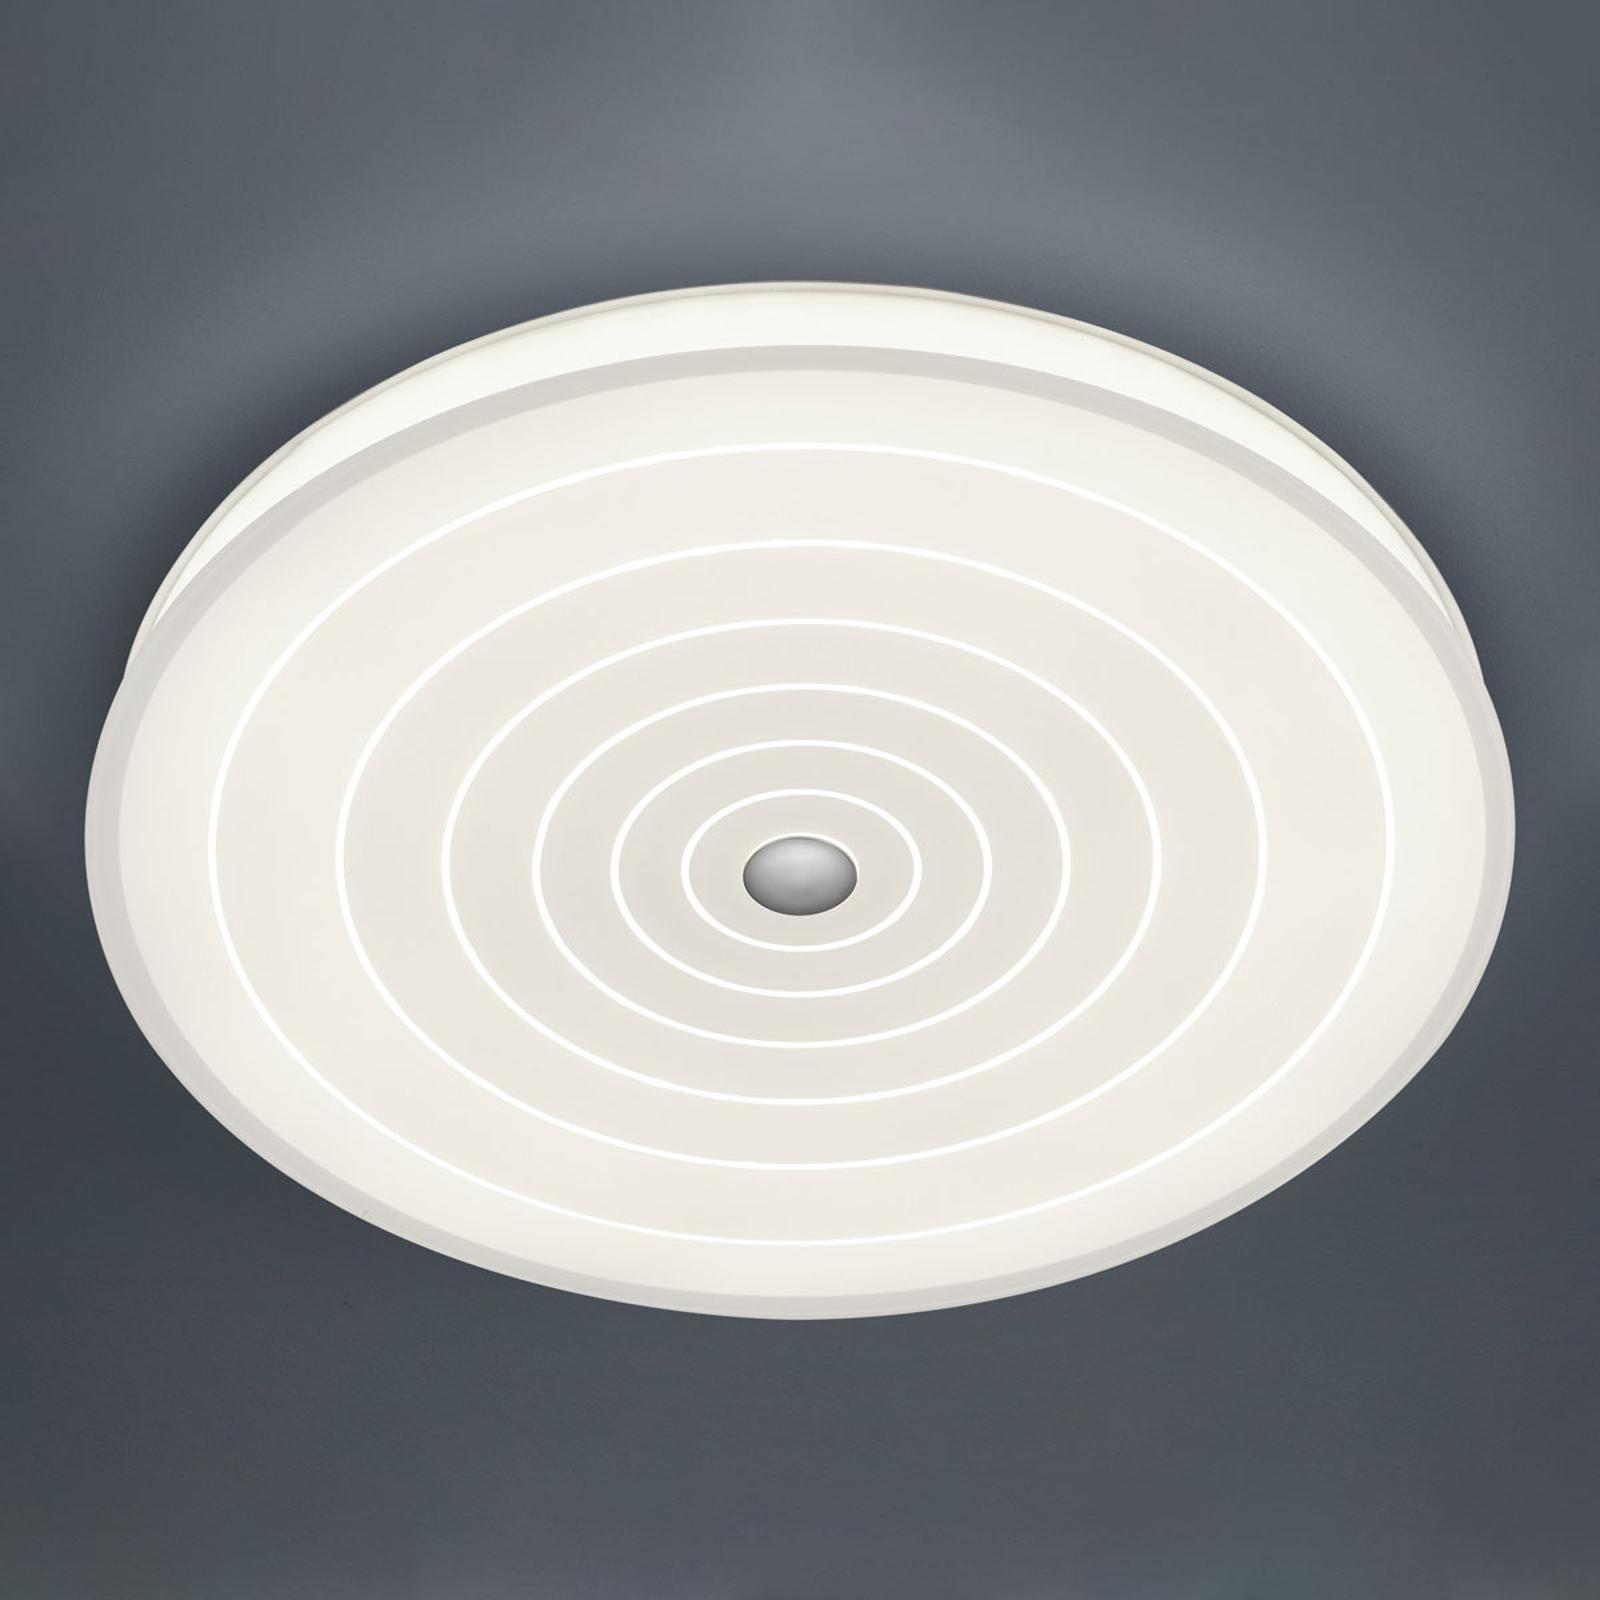 BANKAMP BANKAMP Mandala stropní LED svítidlo kruhy, 52 cm